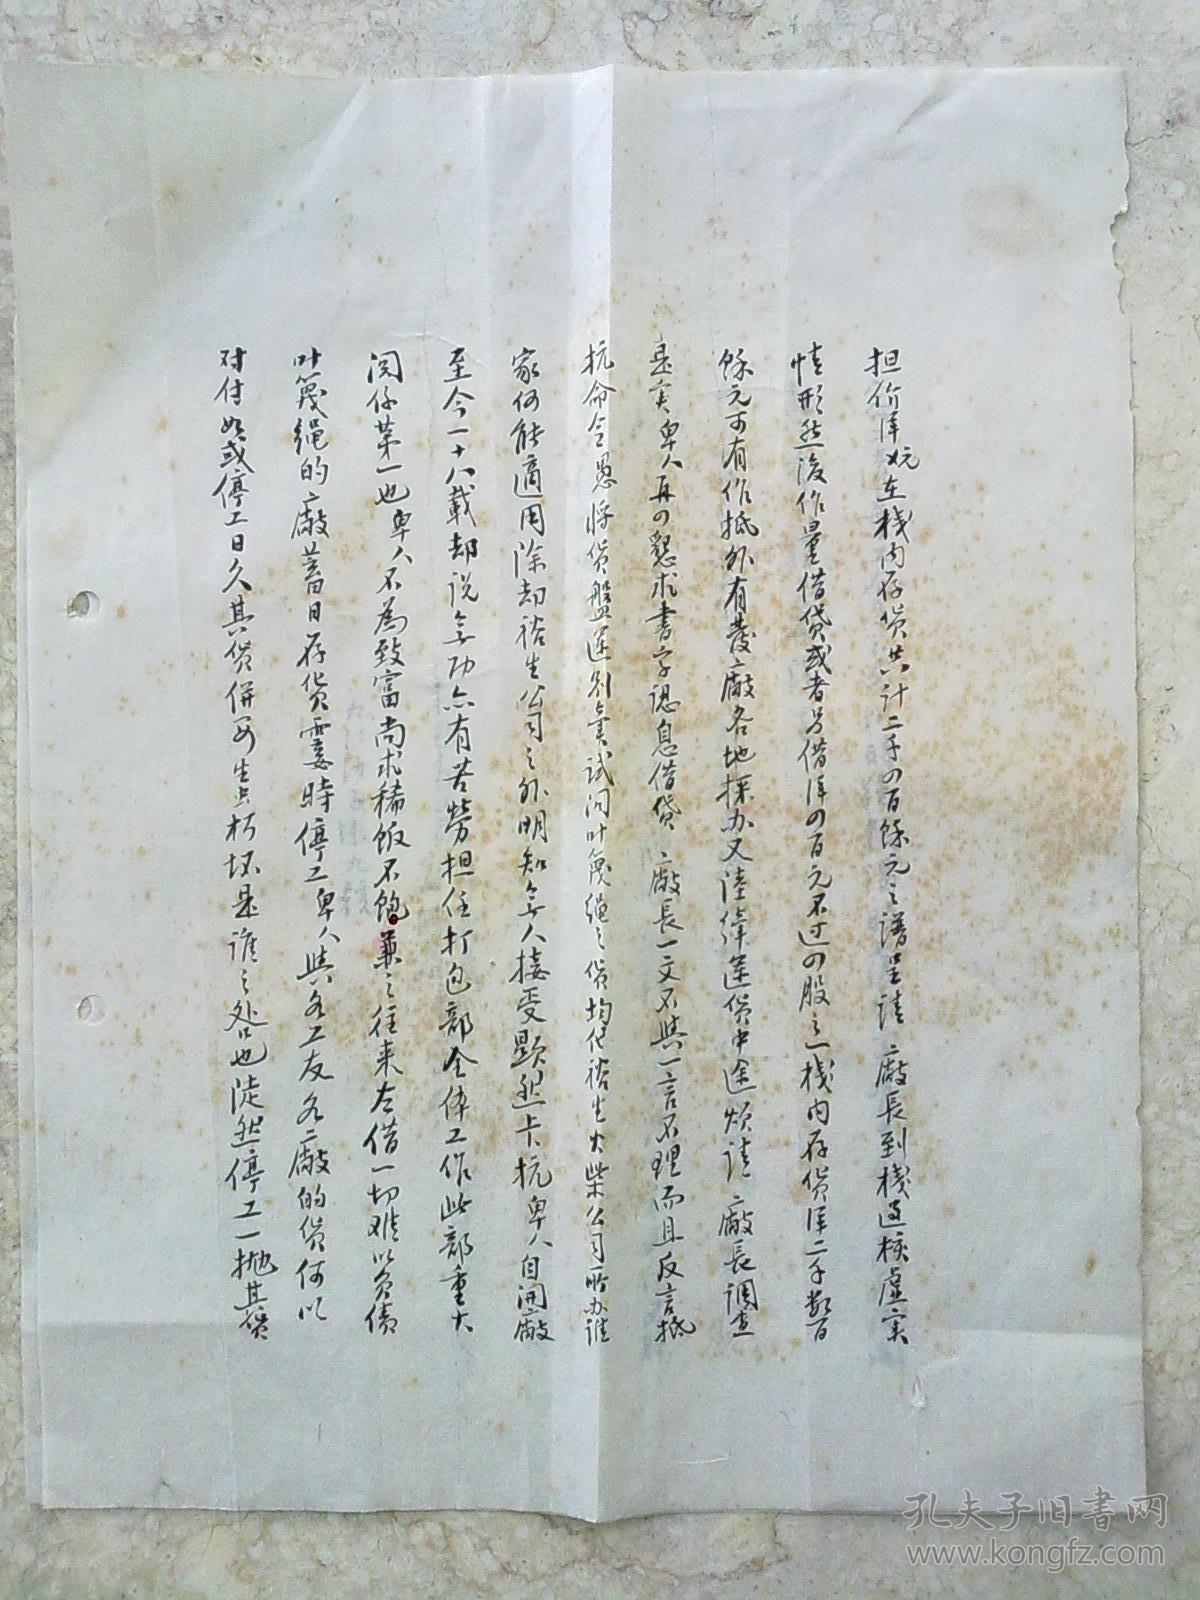 抄件 抄本 或信札